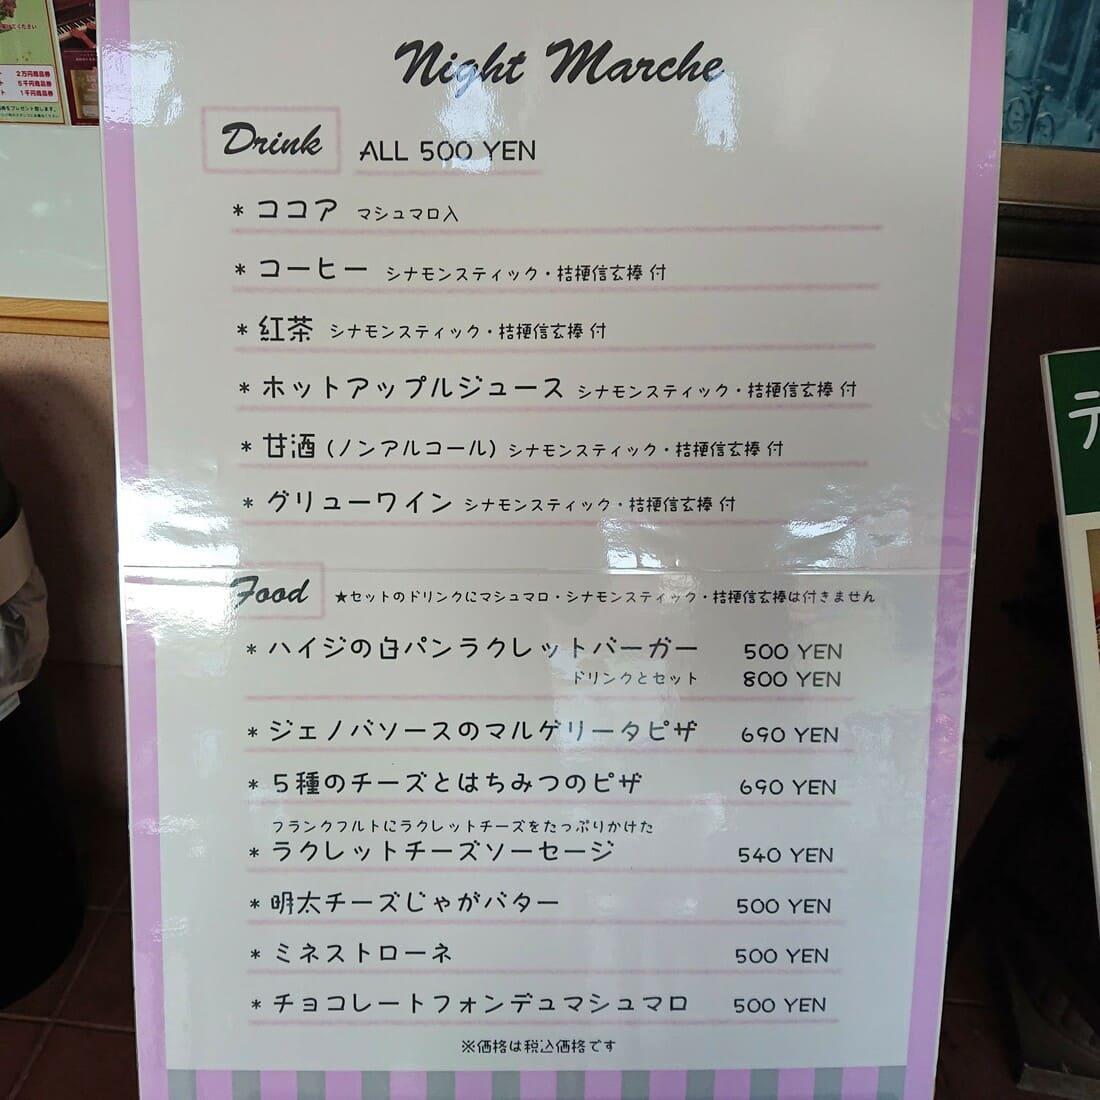 ロッテンマイヤーズカフェのメニュー表